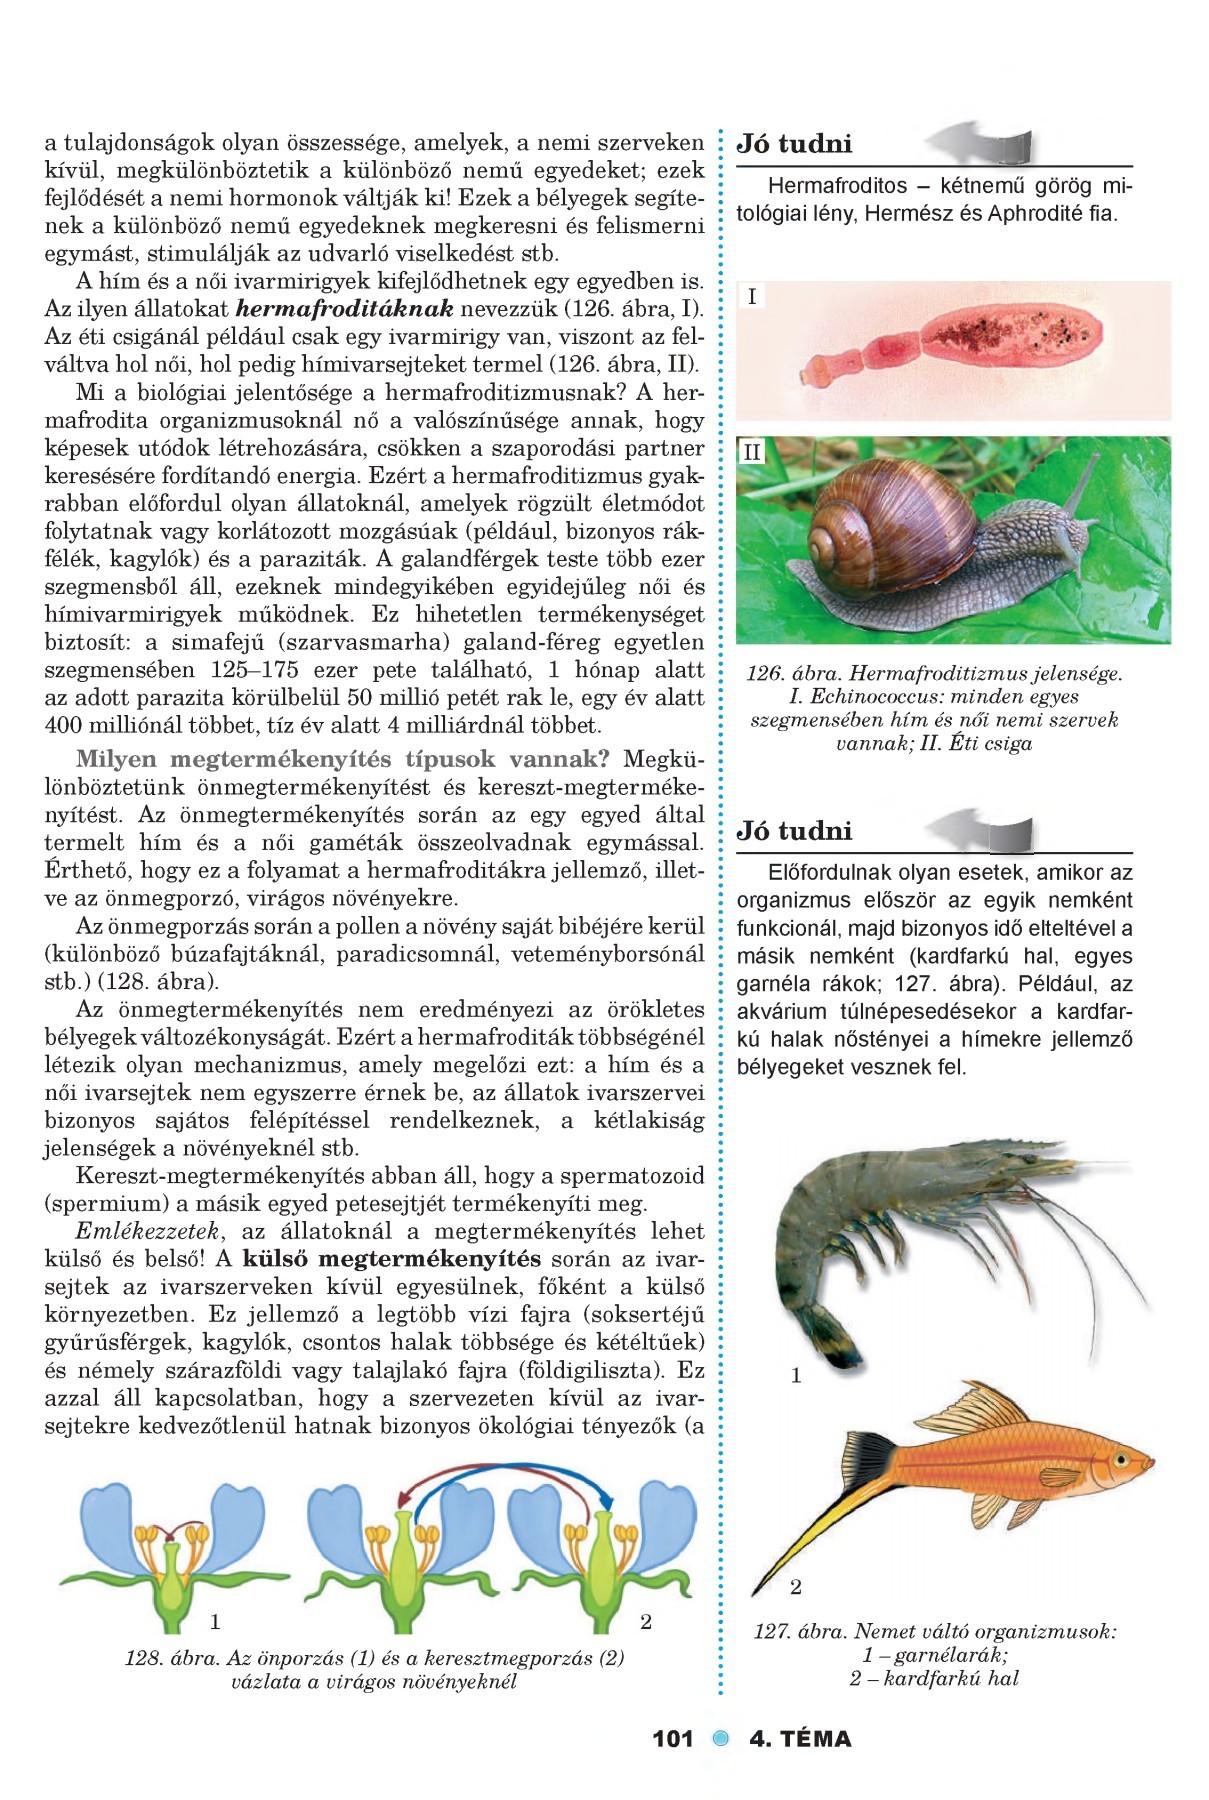 a paraziták a puhatestűek példái)